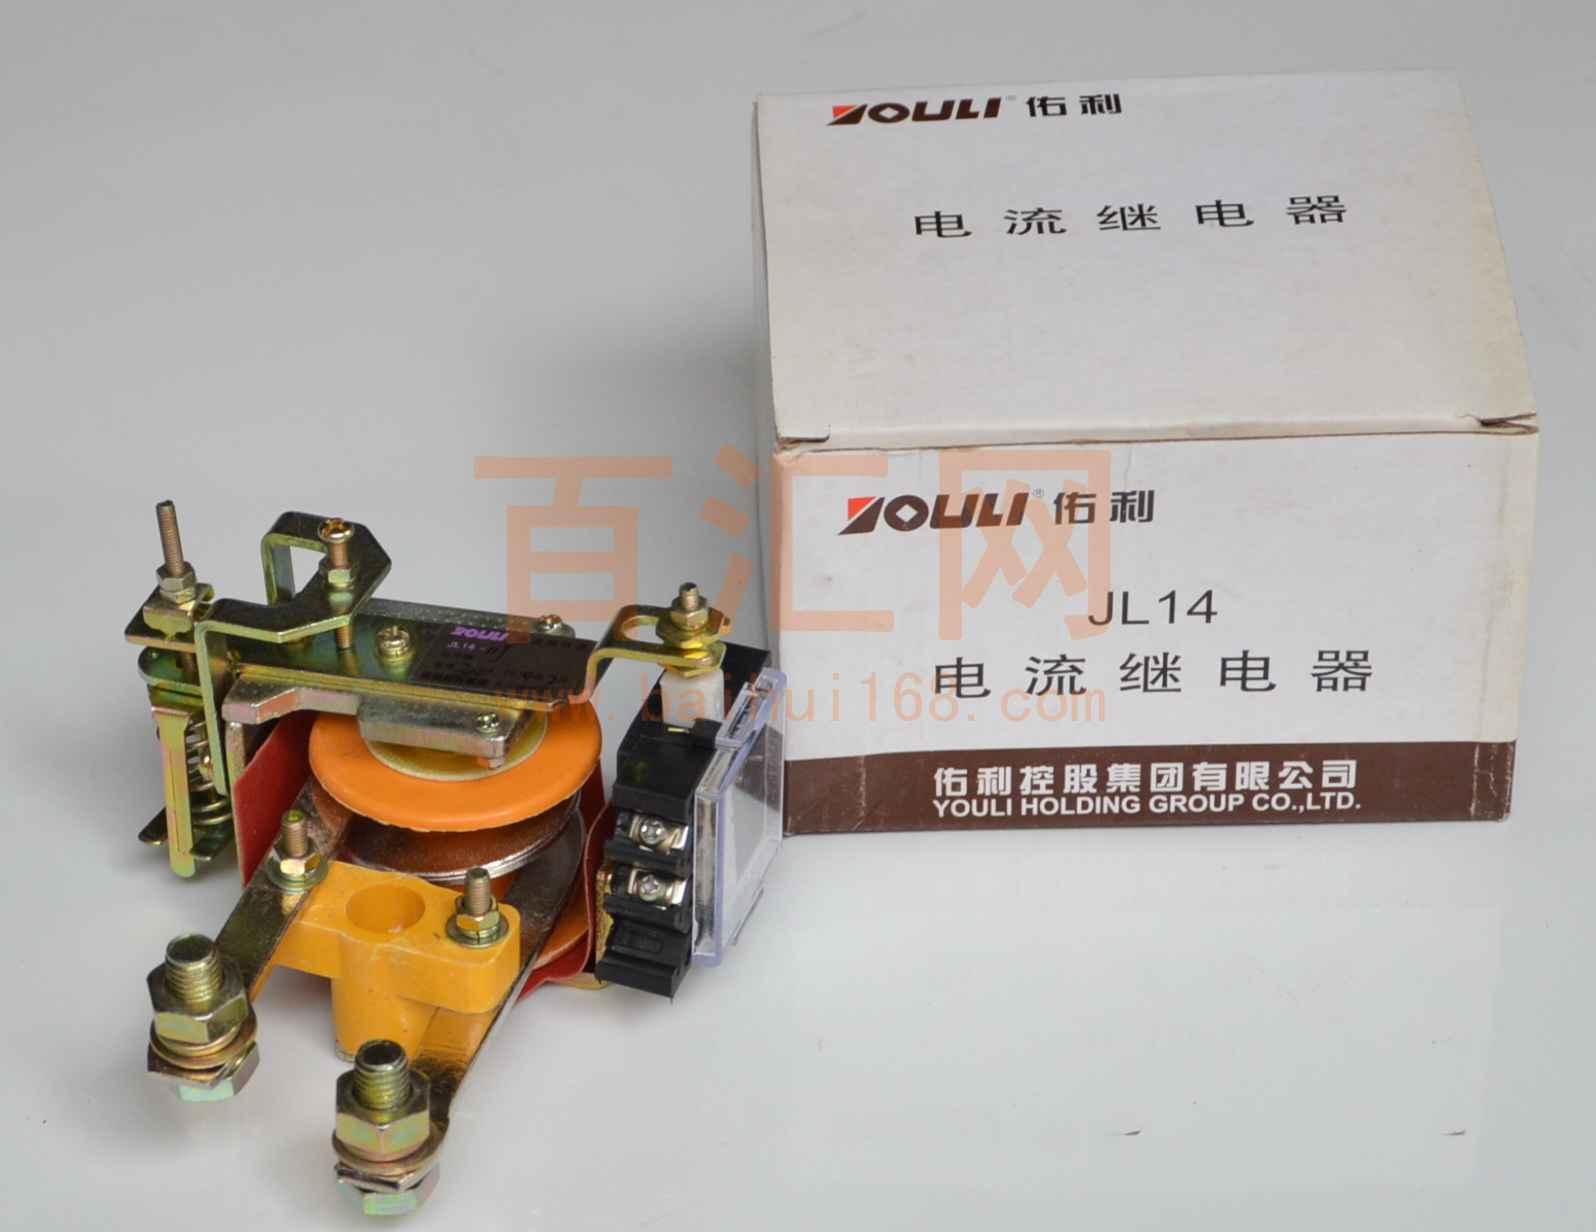 佑利jl14-11j 过电流继电器 吸引线圈电流300a 辅助触点配1常开1常闭